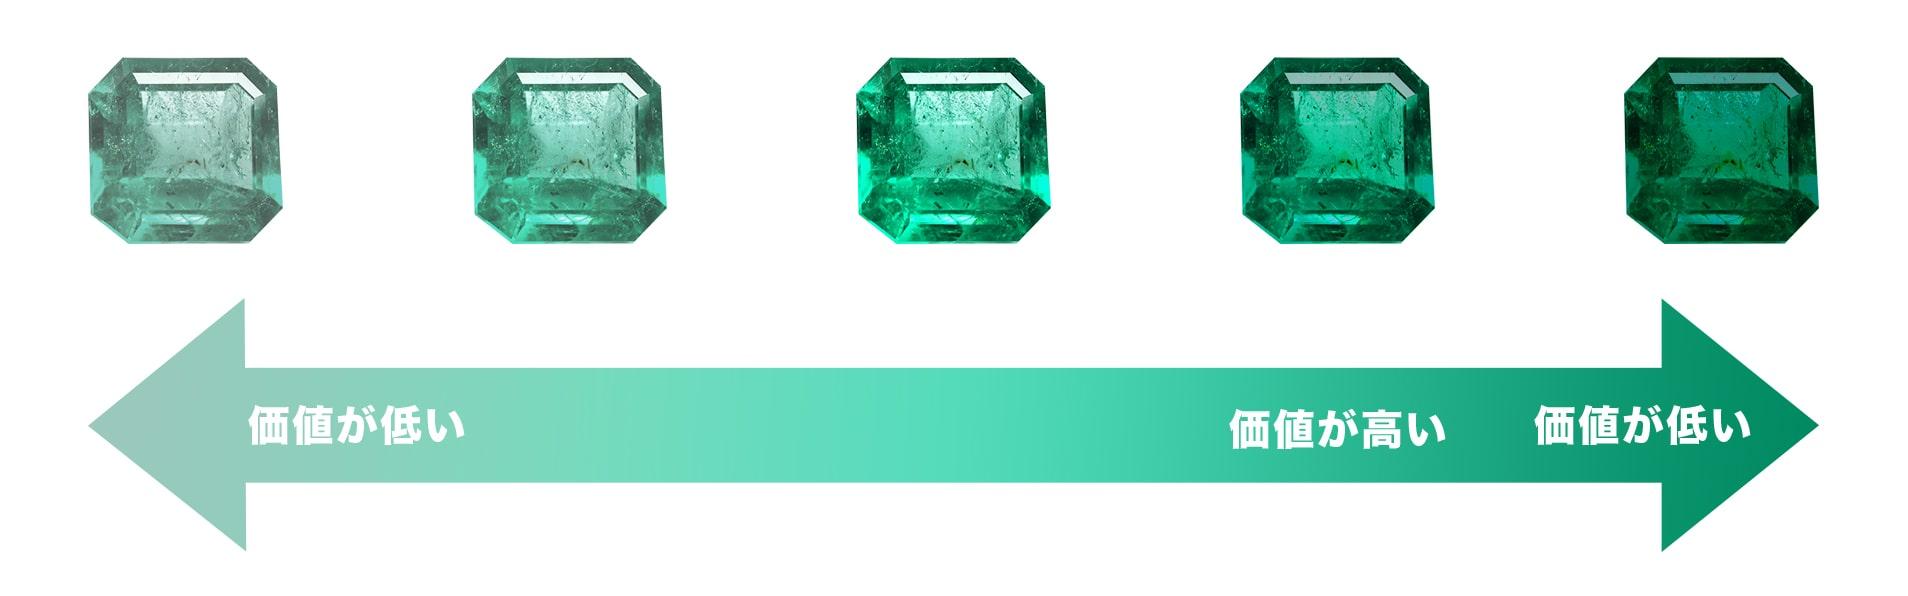 emeraldのランク評価基準画像